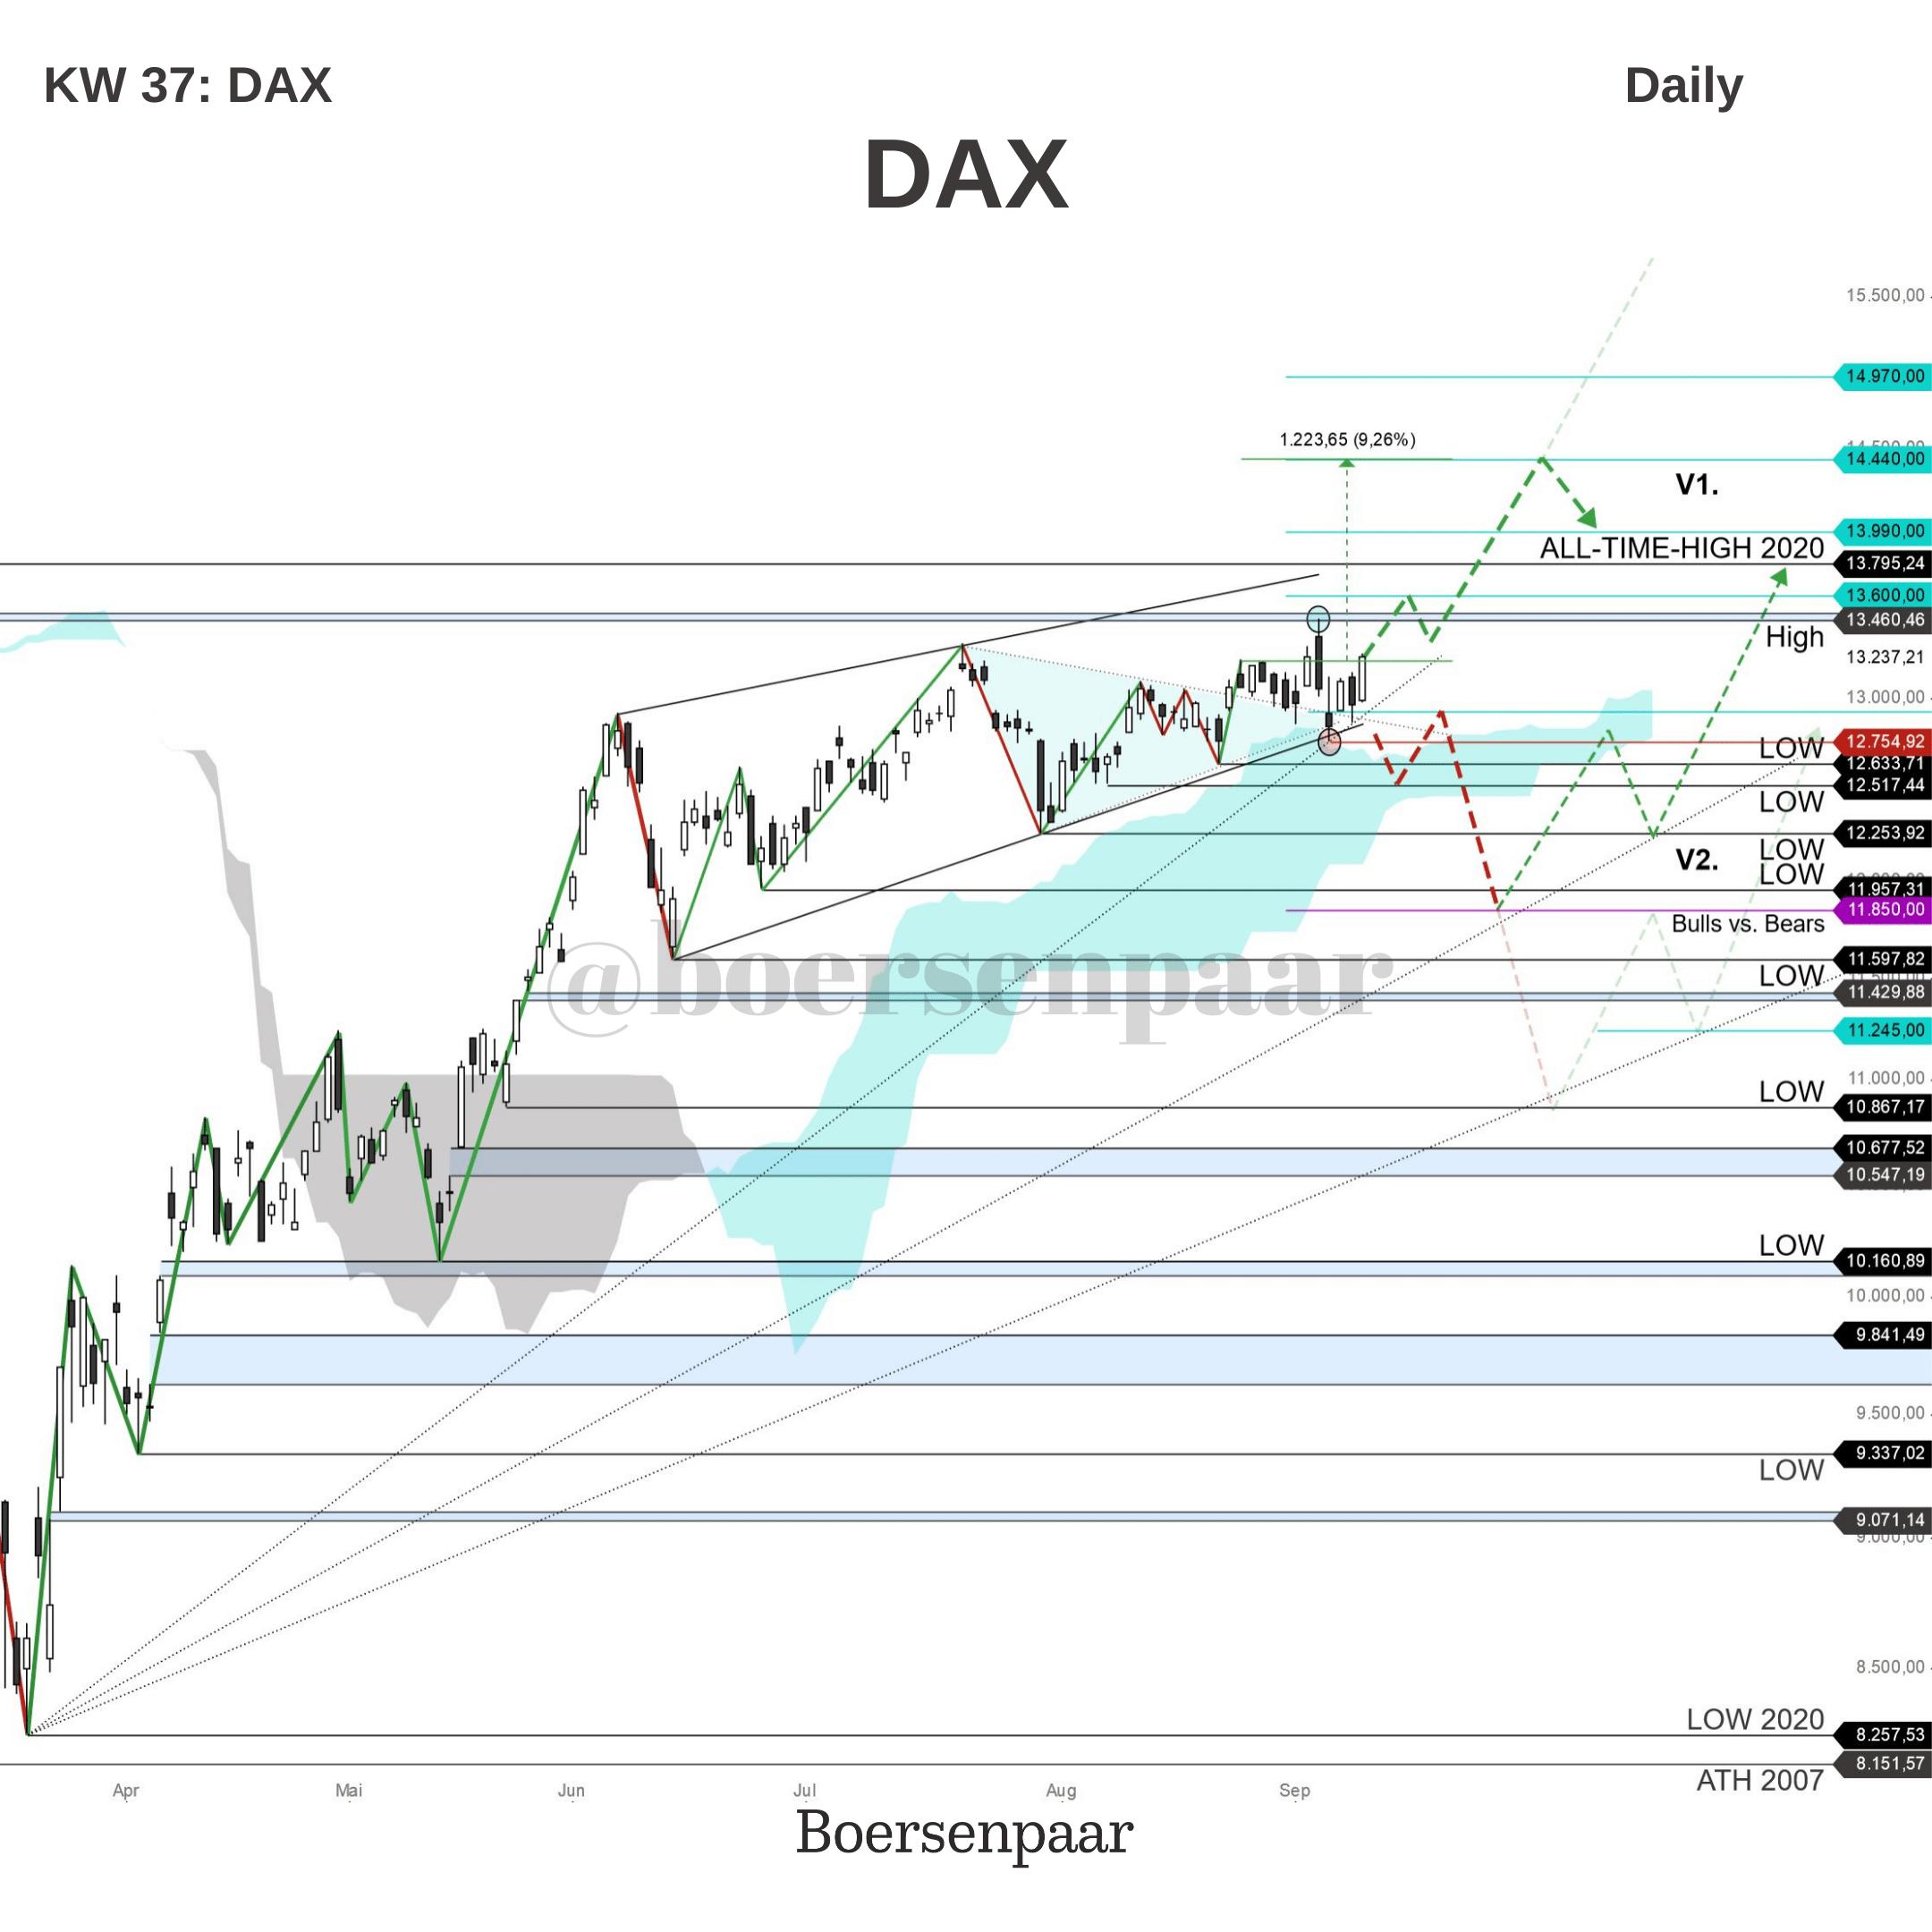 DAX Analyse - KW 37